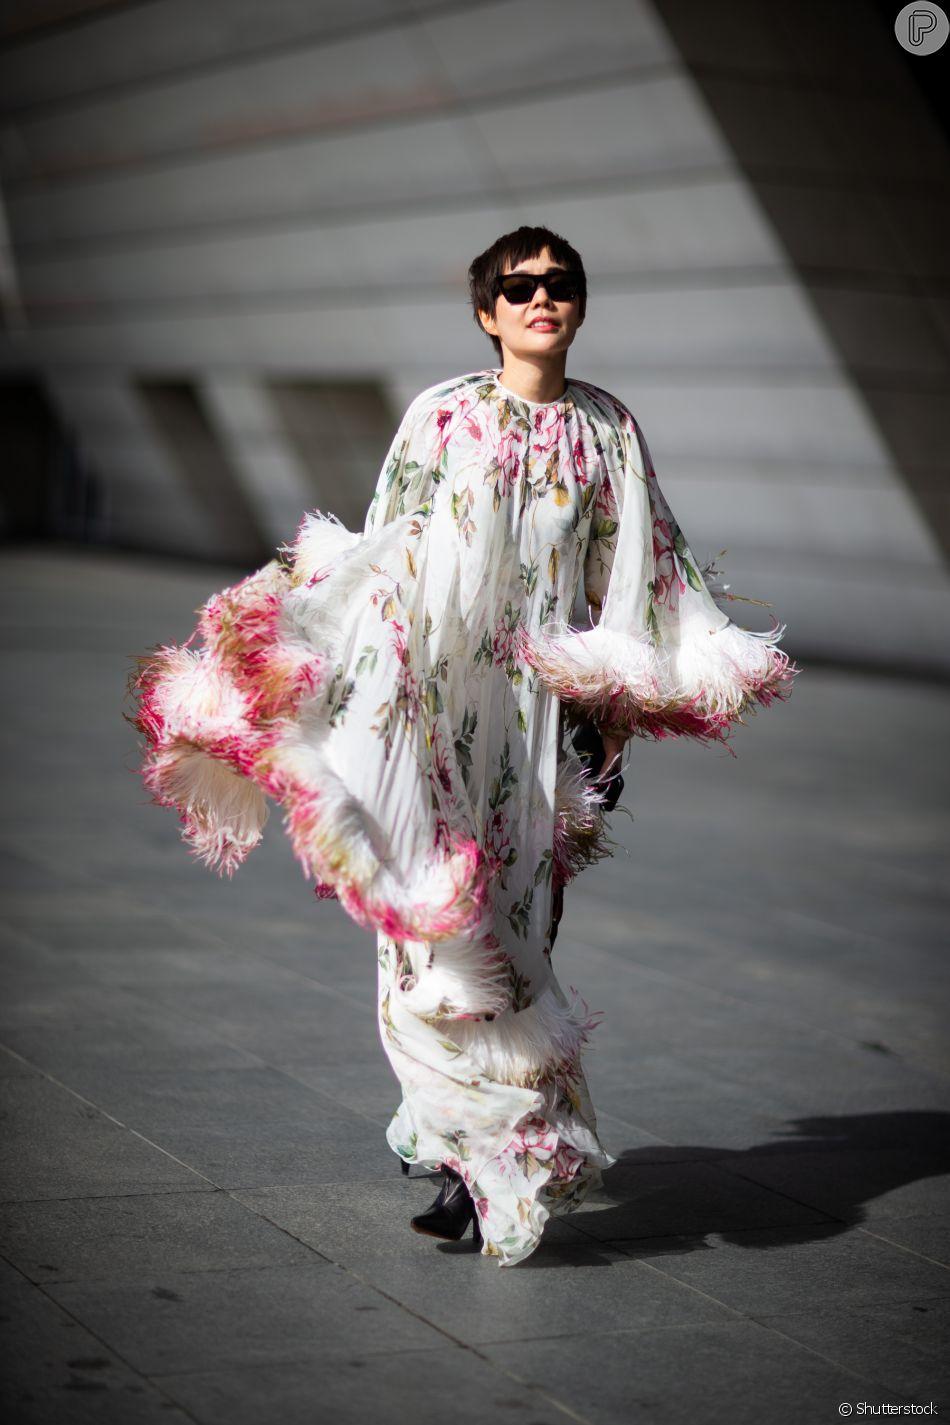 Vestido longo com estampa floral e franjas, para um look statement